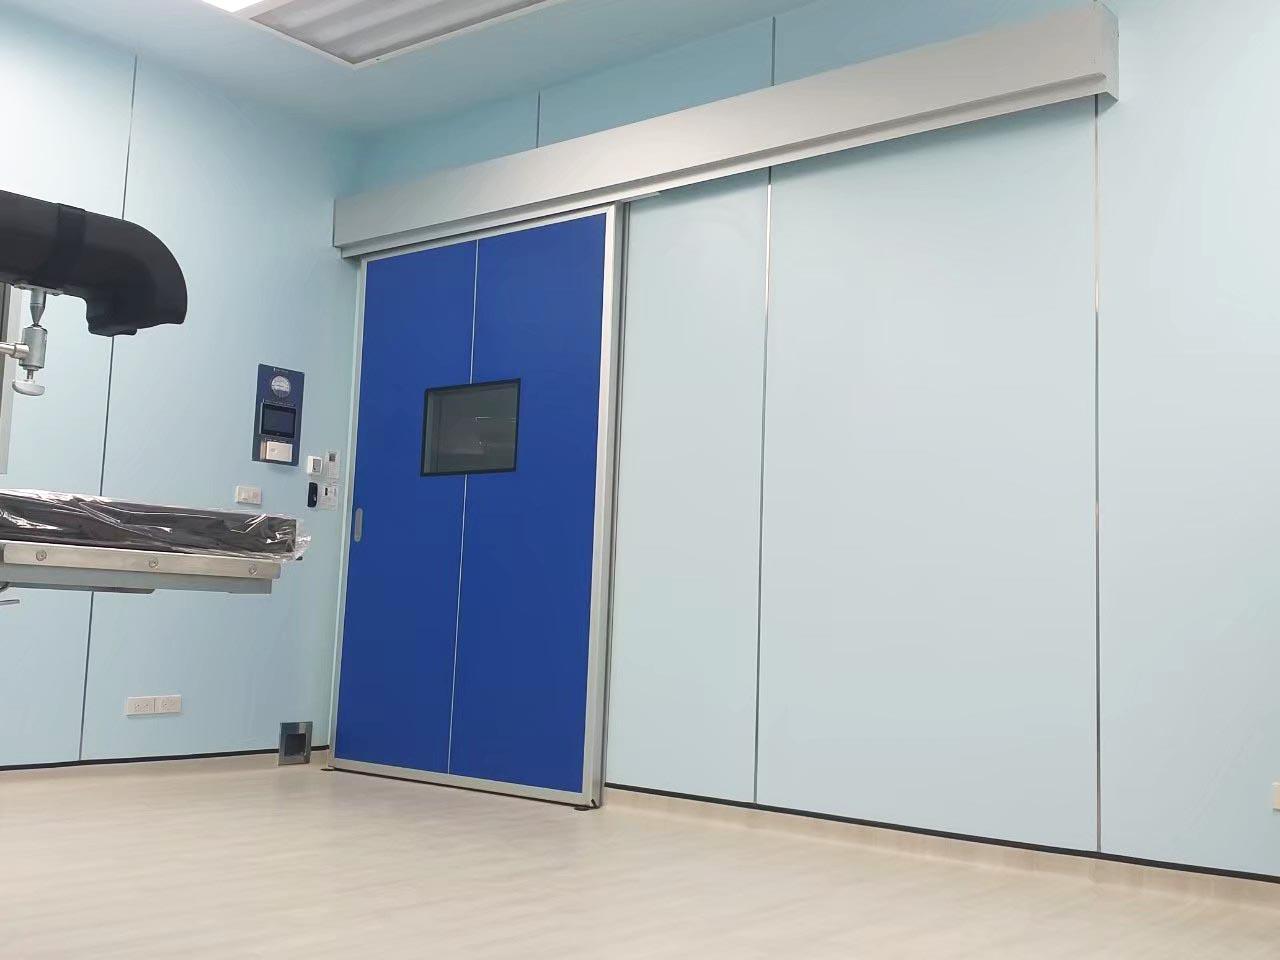 โรงพยาบาลบางเลน_210503_6